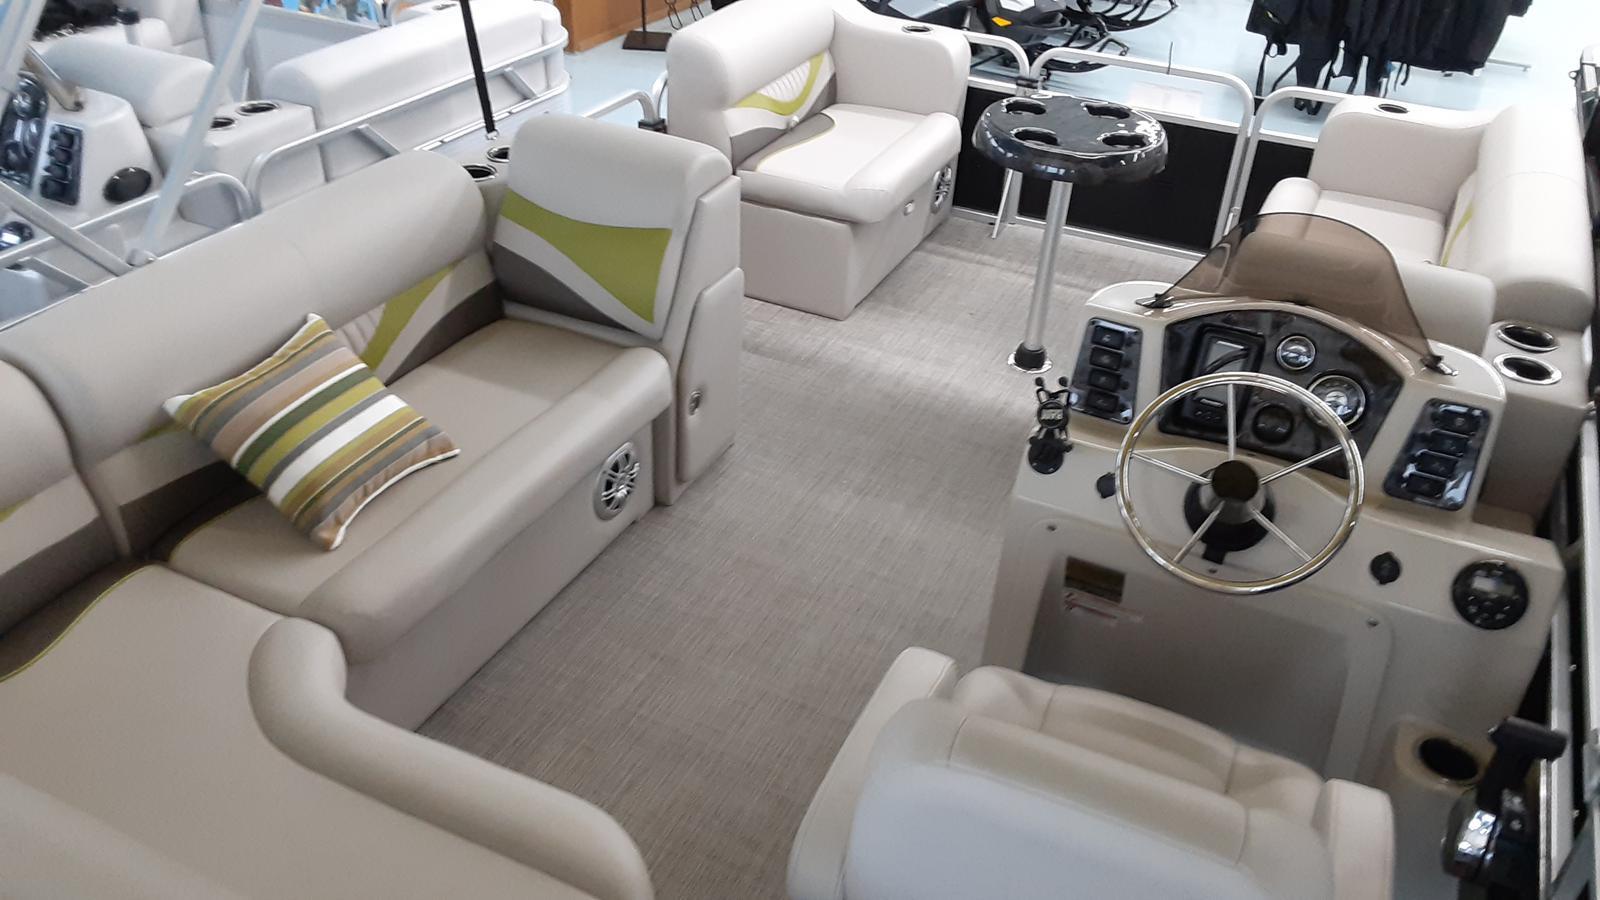 Apex Marine, Inc. Qwest Adventure 818 Lanai Cruise